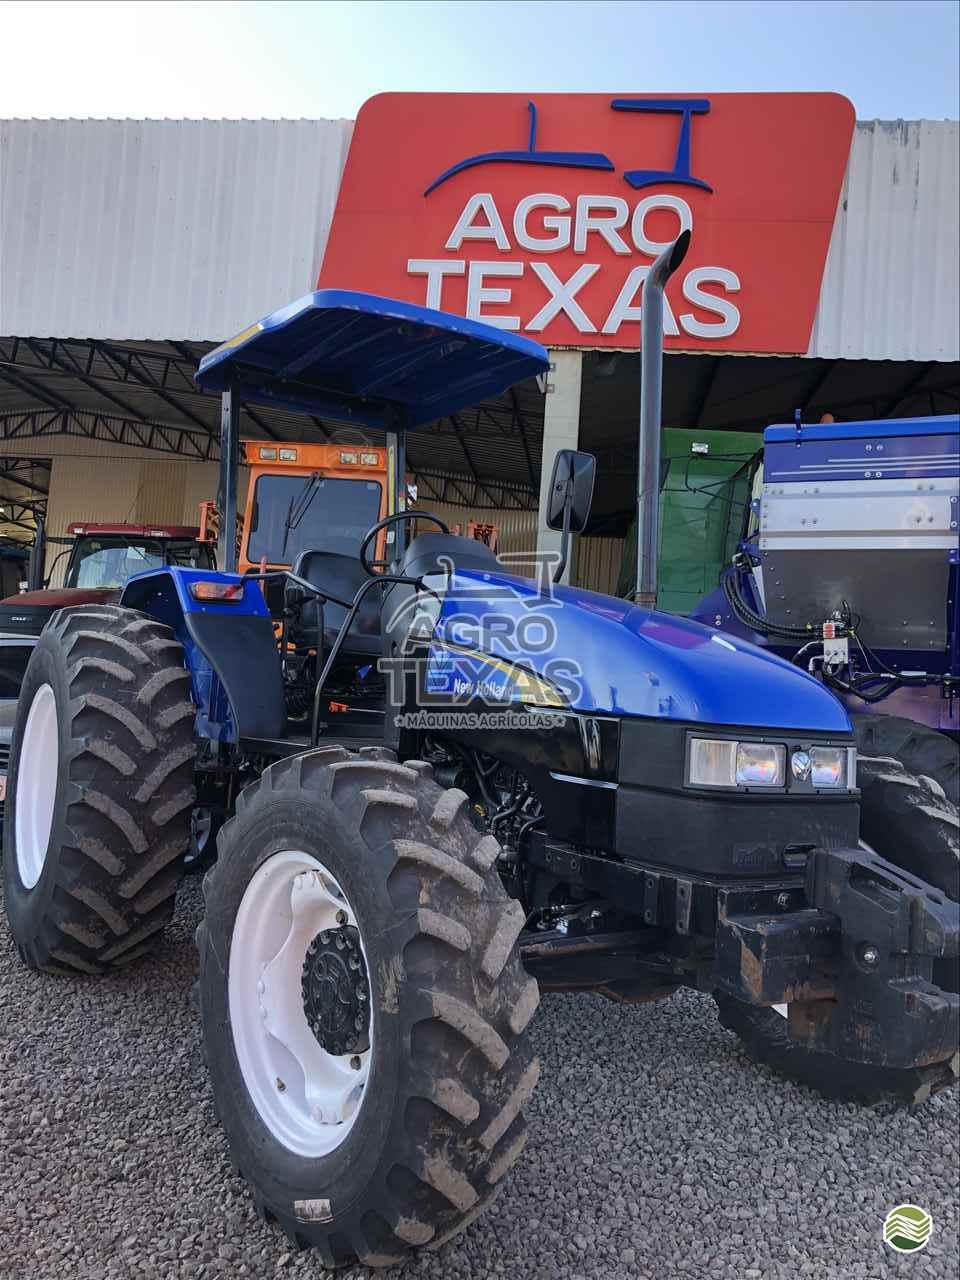 TRATOR NEW HOLLAND NEW TL 85 Tração 4x4 Agro Texas Máquinas Agrícolas VITORINO PARANÁ PR